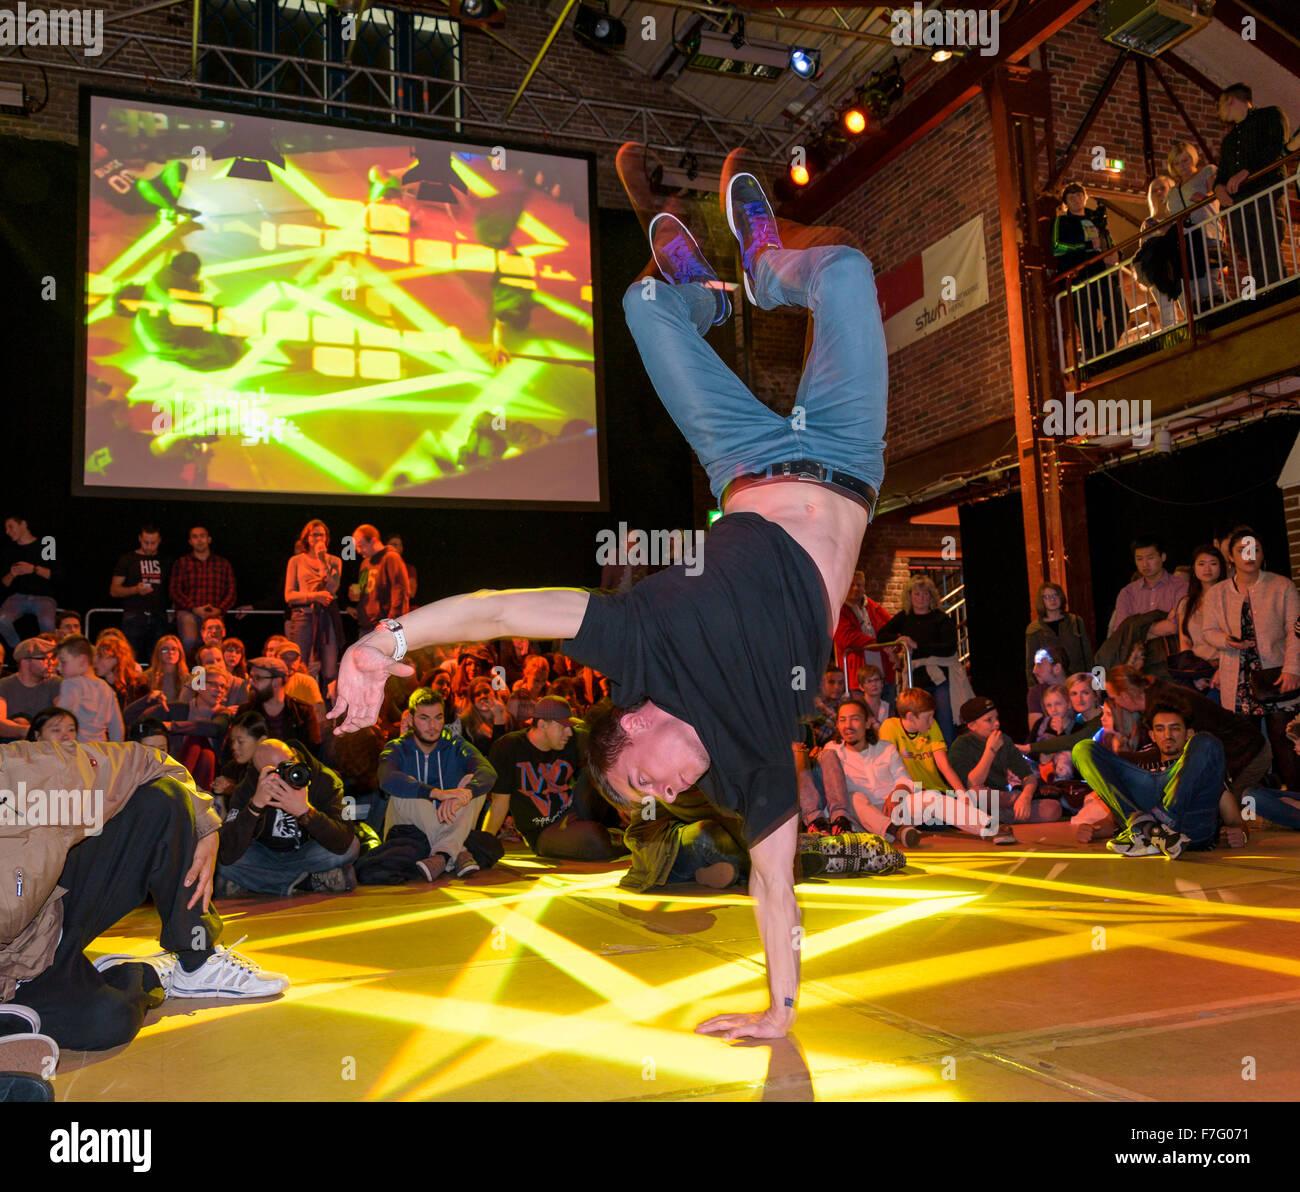 Un joven bailarín de salto se realiza en una etapa en una competición de break dance. Imagen De Stock